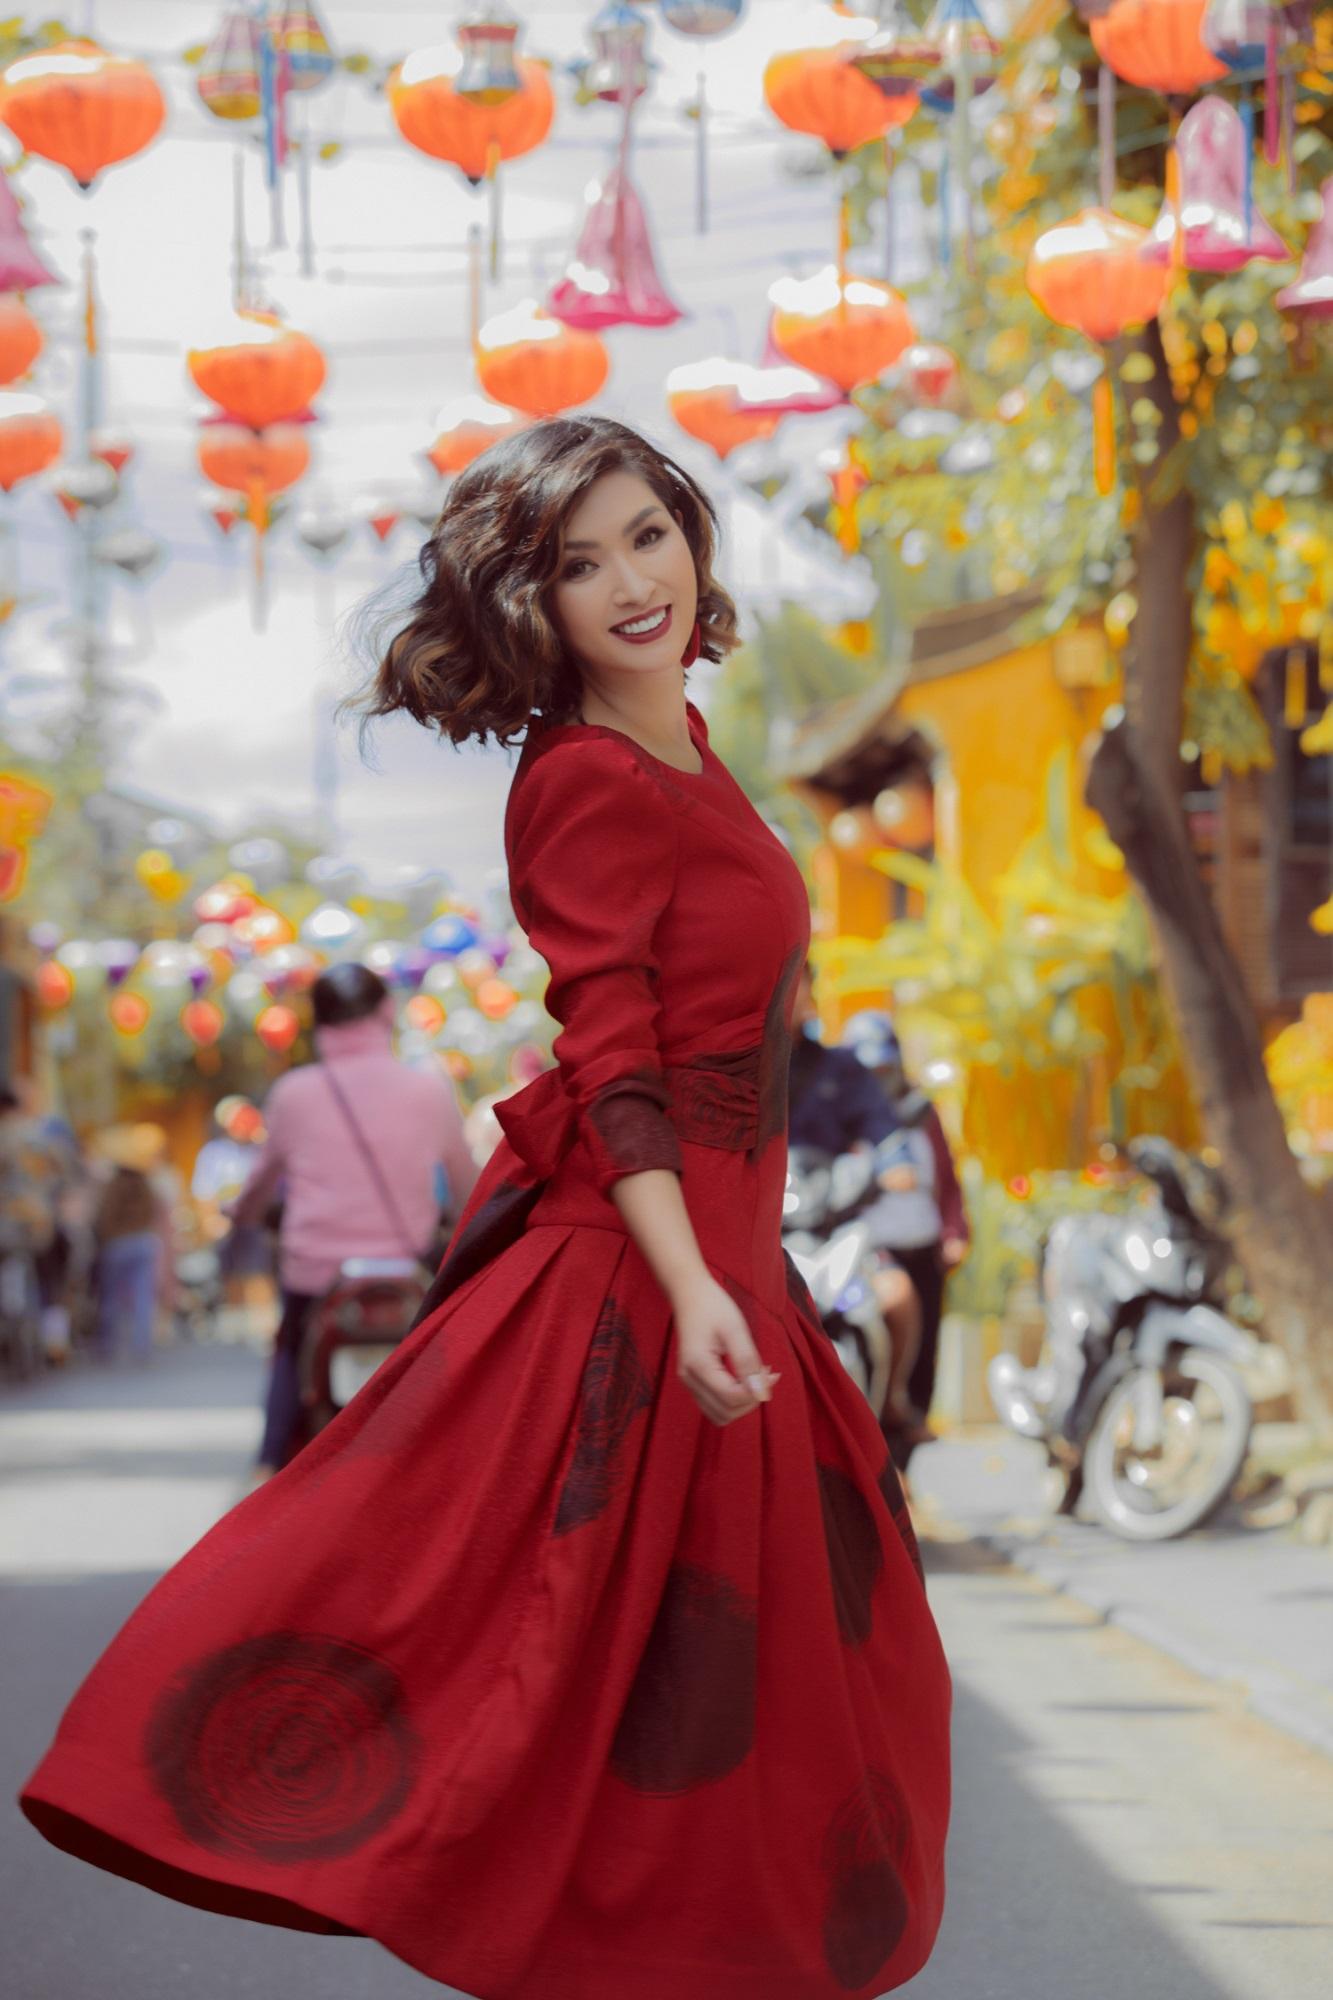 Hồng Nhung 'Sao Mai điểm hẹn': 'Tôi nuôi con không cần chồng cũ chu cấp' - Ảnh 7